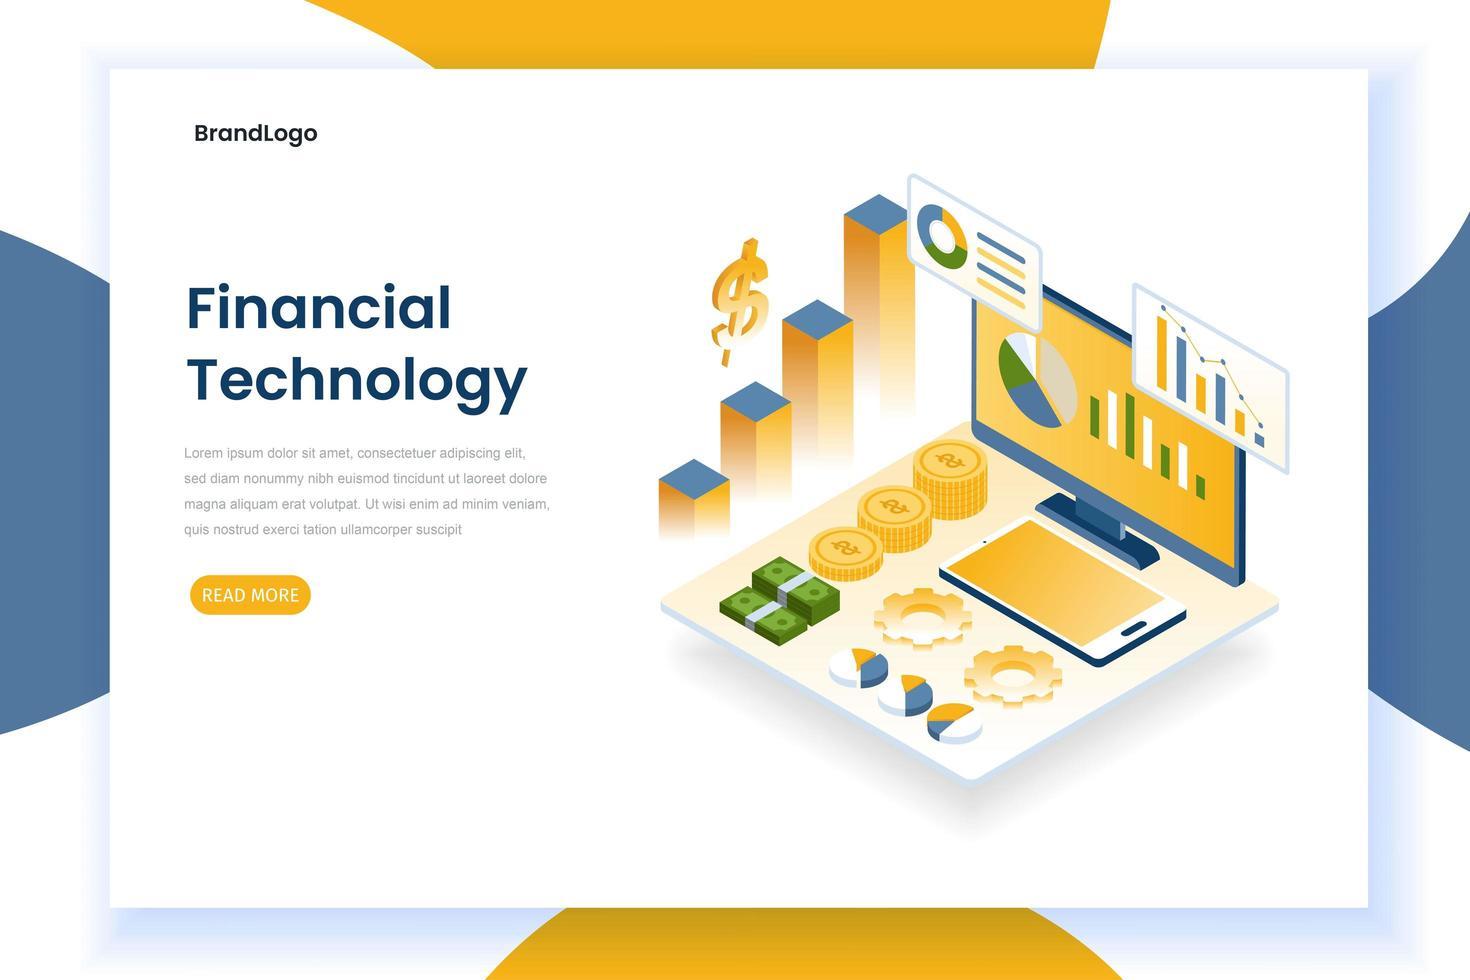 finansiell teknik målsida med diagram och monitor vektor